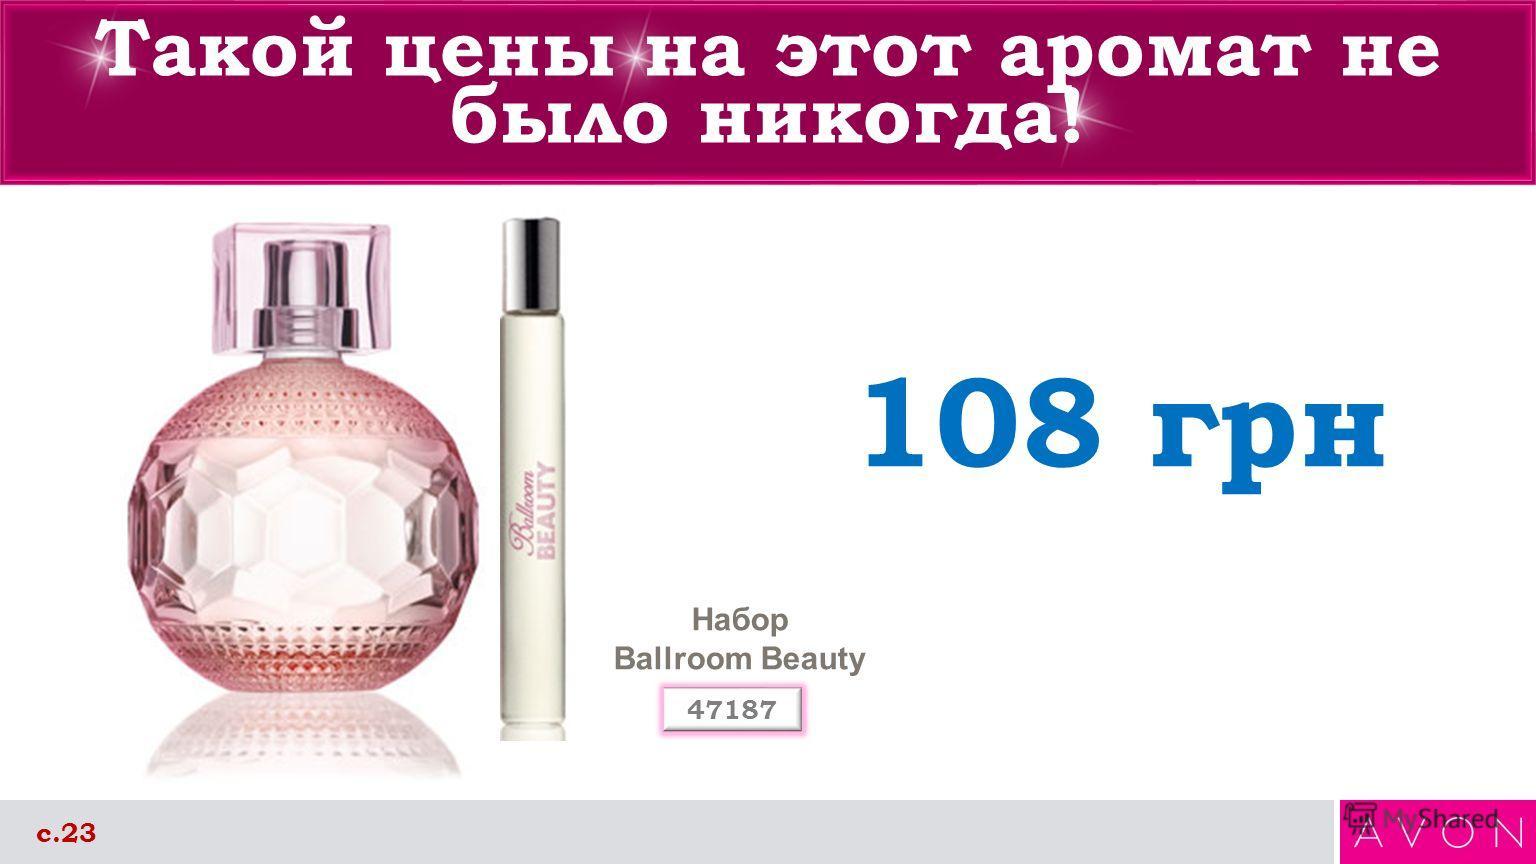 Такой цены на этот аромат не было никогда! Набор Ballroom Beauty с.23 108 грн 47187